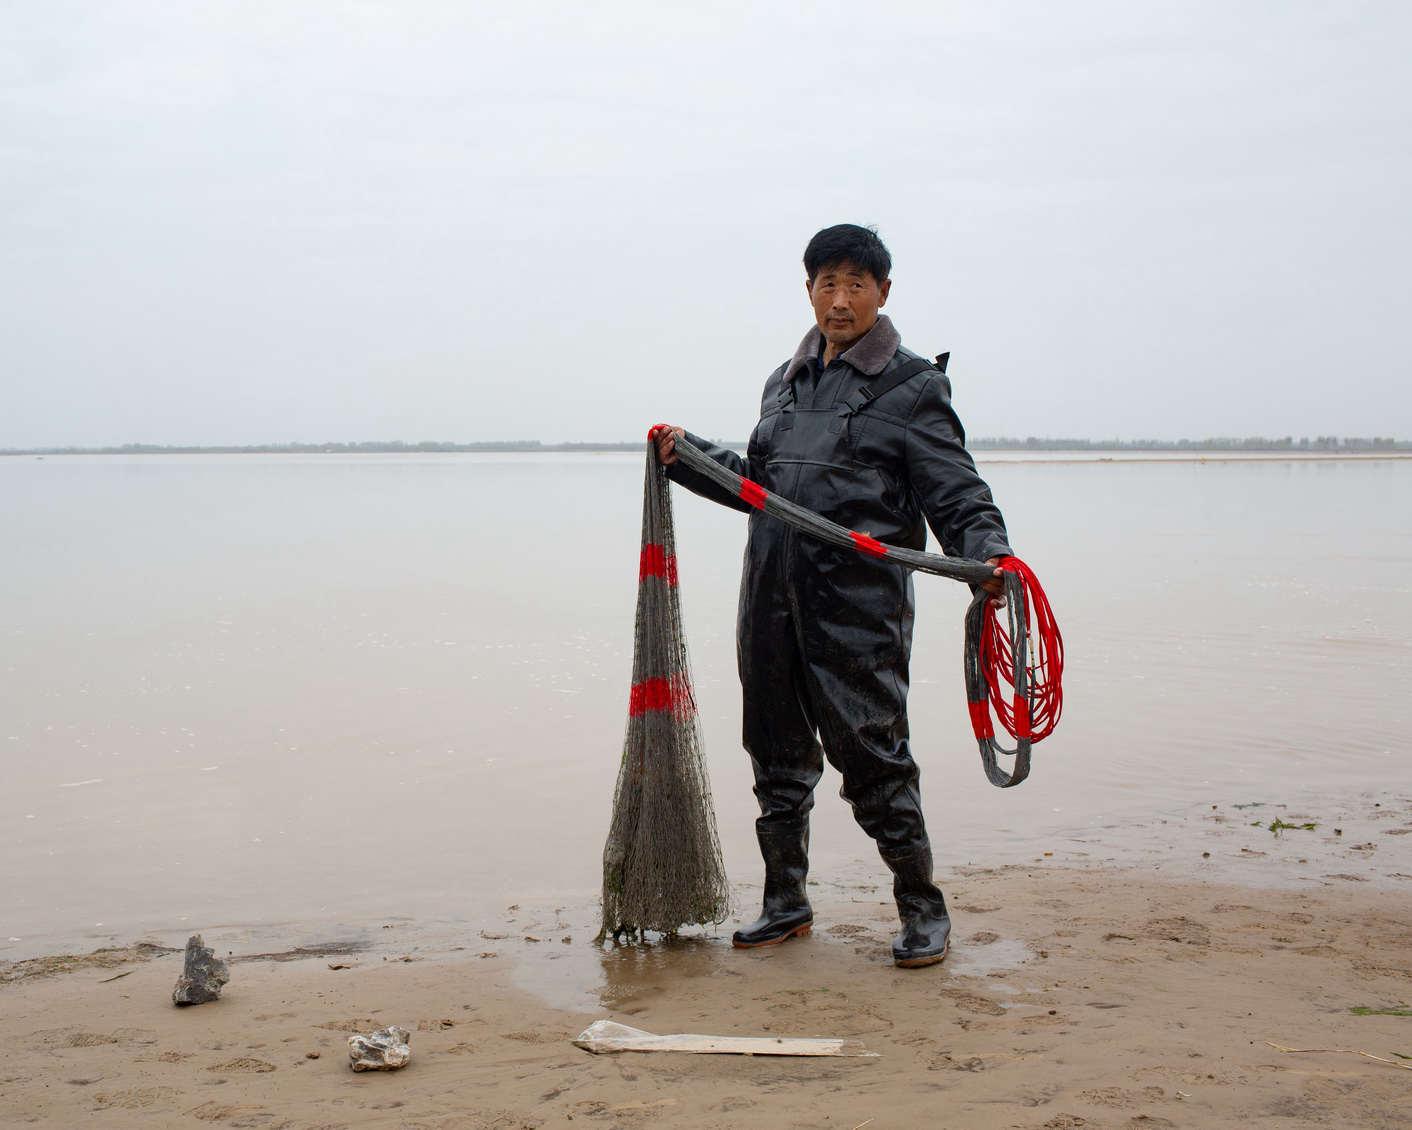 12 新乡市原阳县,捕鱼的人,《黄河厚土》系列.jpg